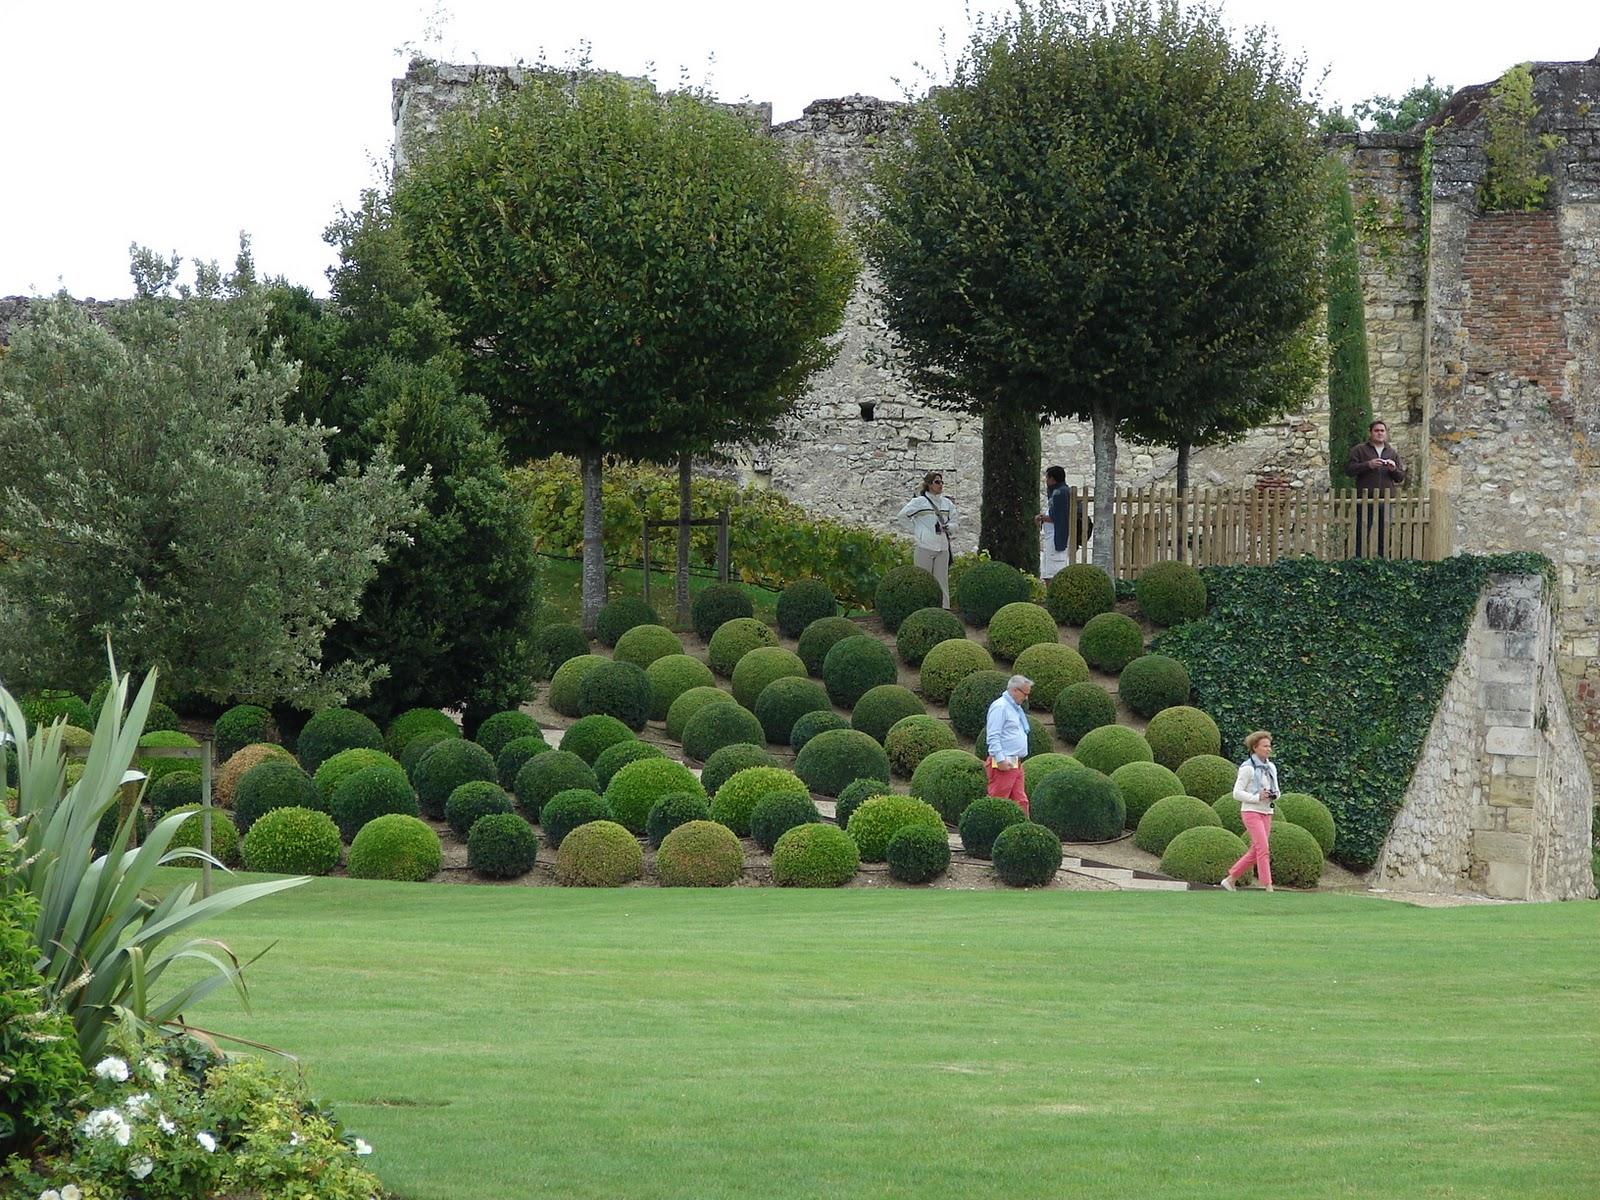 Paisajismo pueblos y jardines octubre 2011 for Paisajismo jardines fotos